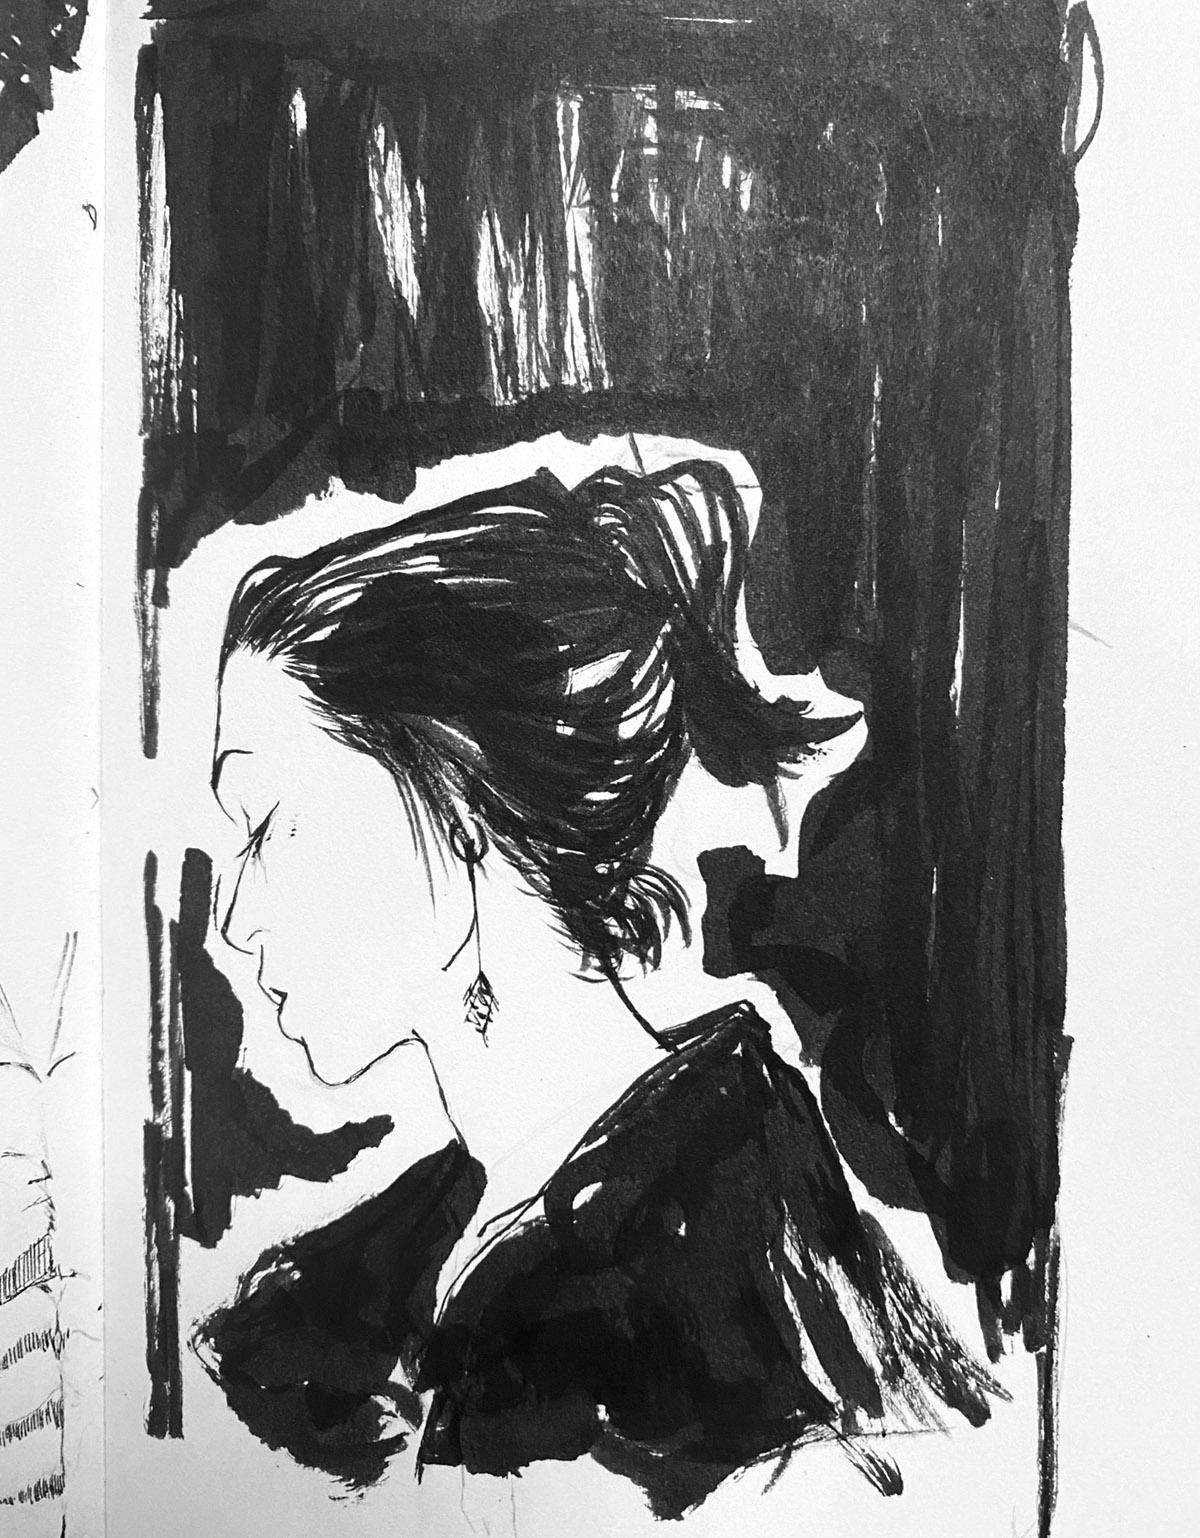 fine art sketch of a woman